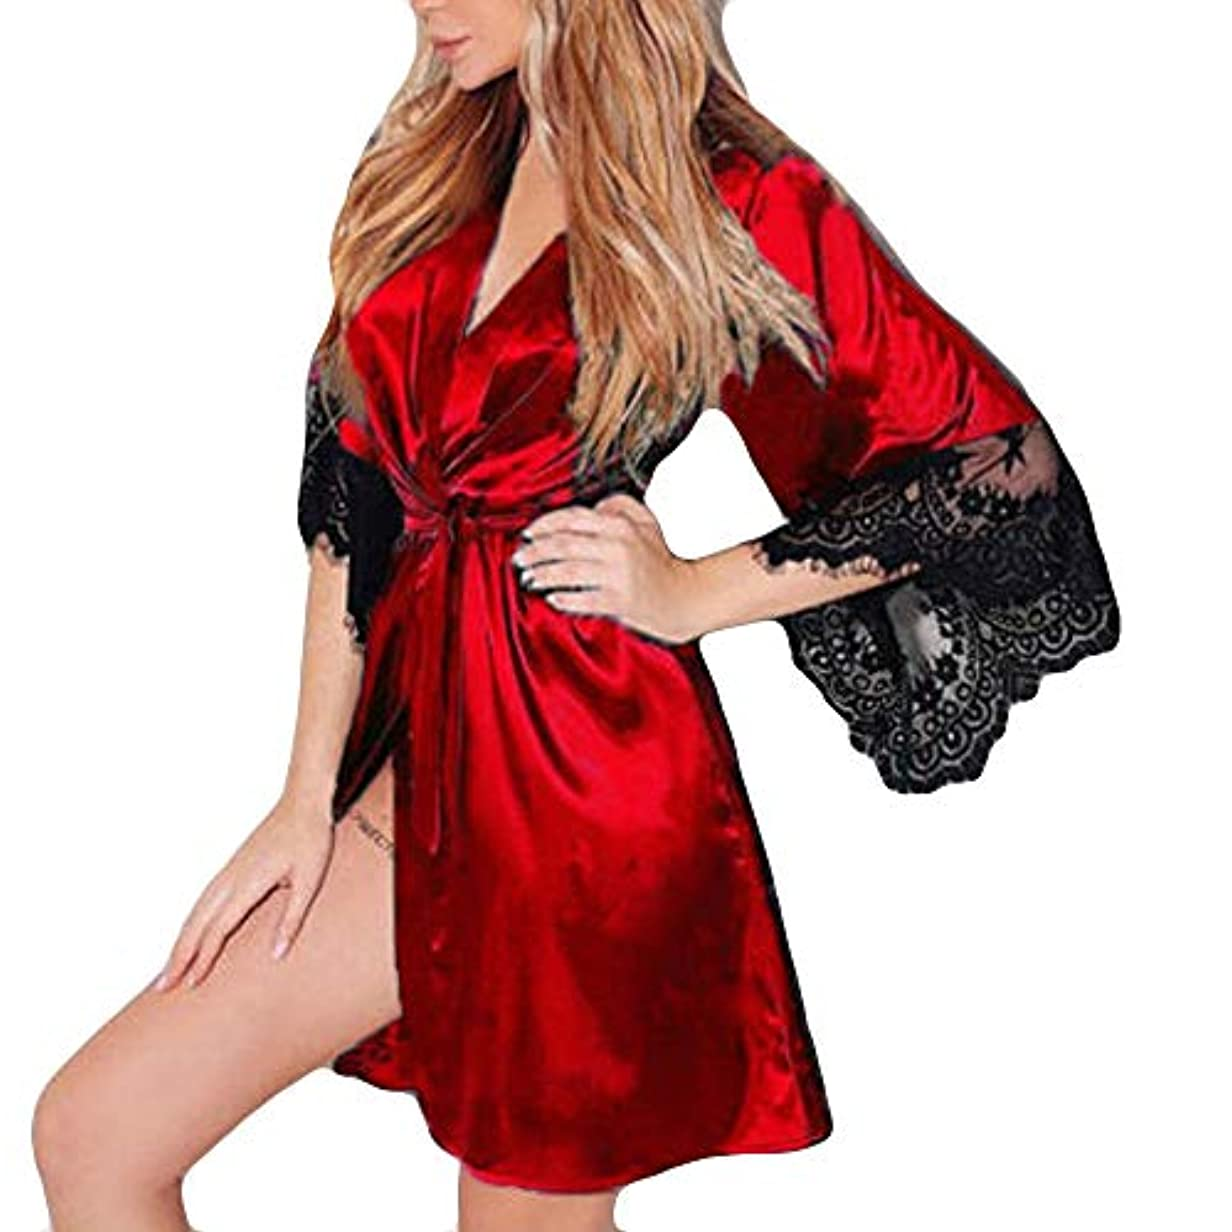 うそつき恐れそのJoielmal 女性用バスローブ ガウンバスローブ ローブ 浴衣式 ワンピース 前開き サテン生地 シルクのような肌触り おしゃれ 長袖 ロング丈 着物 レース飾り ワンサイズ 春 夏 S-3XL